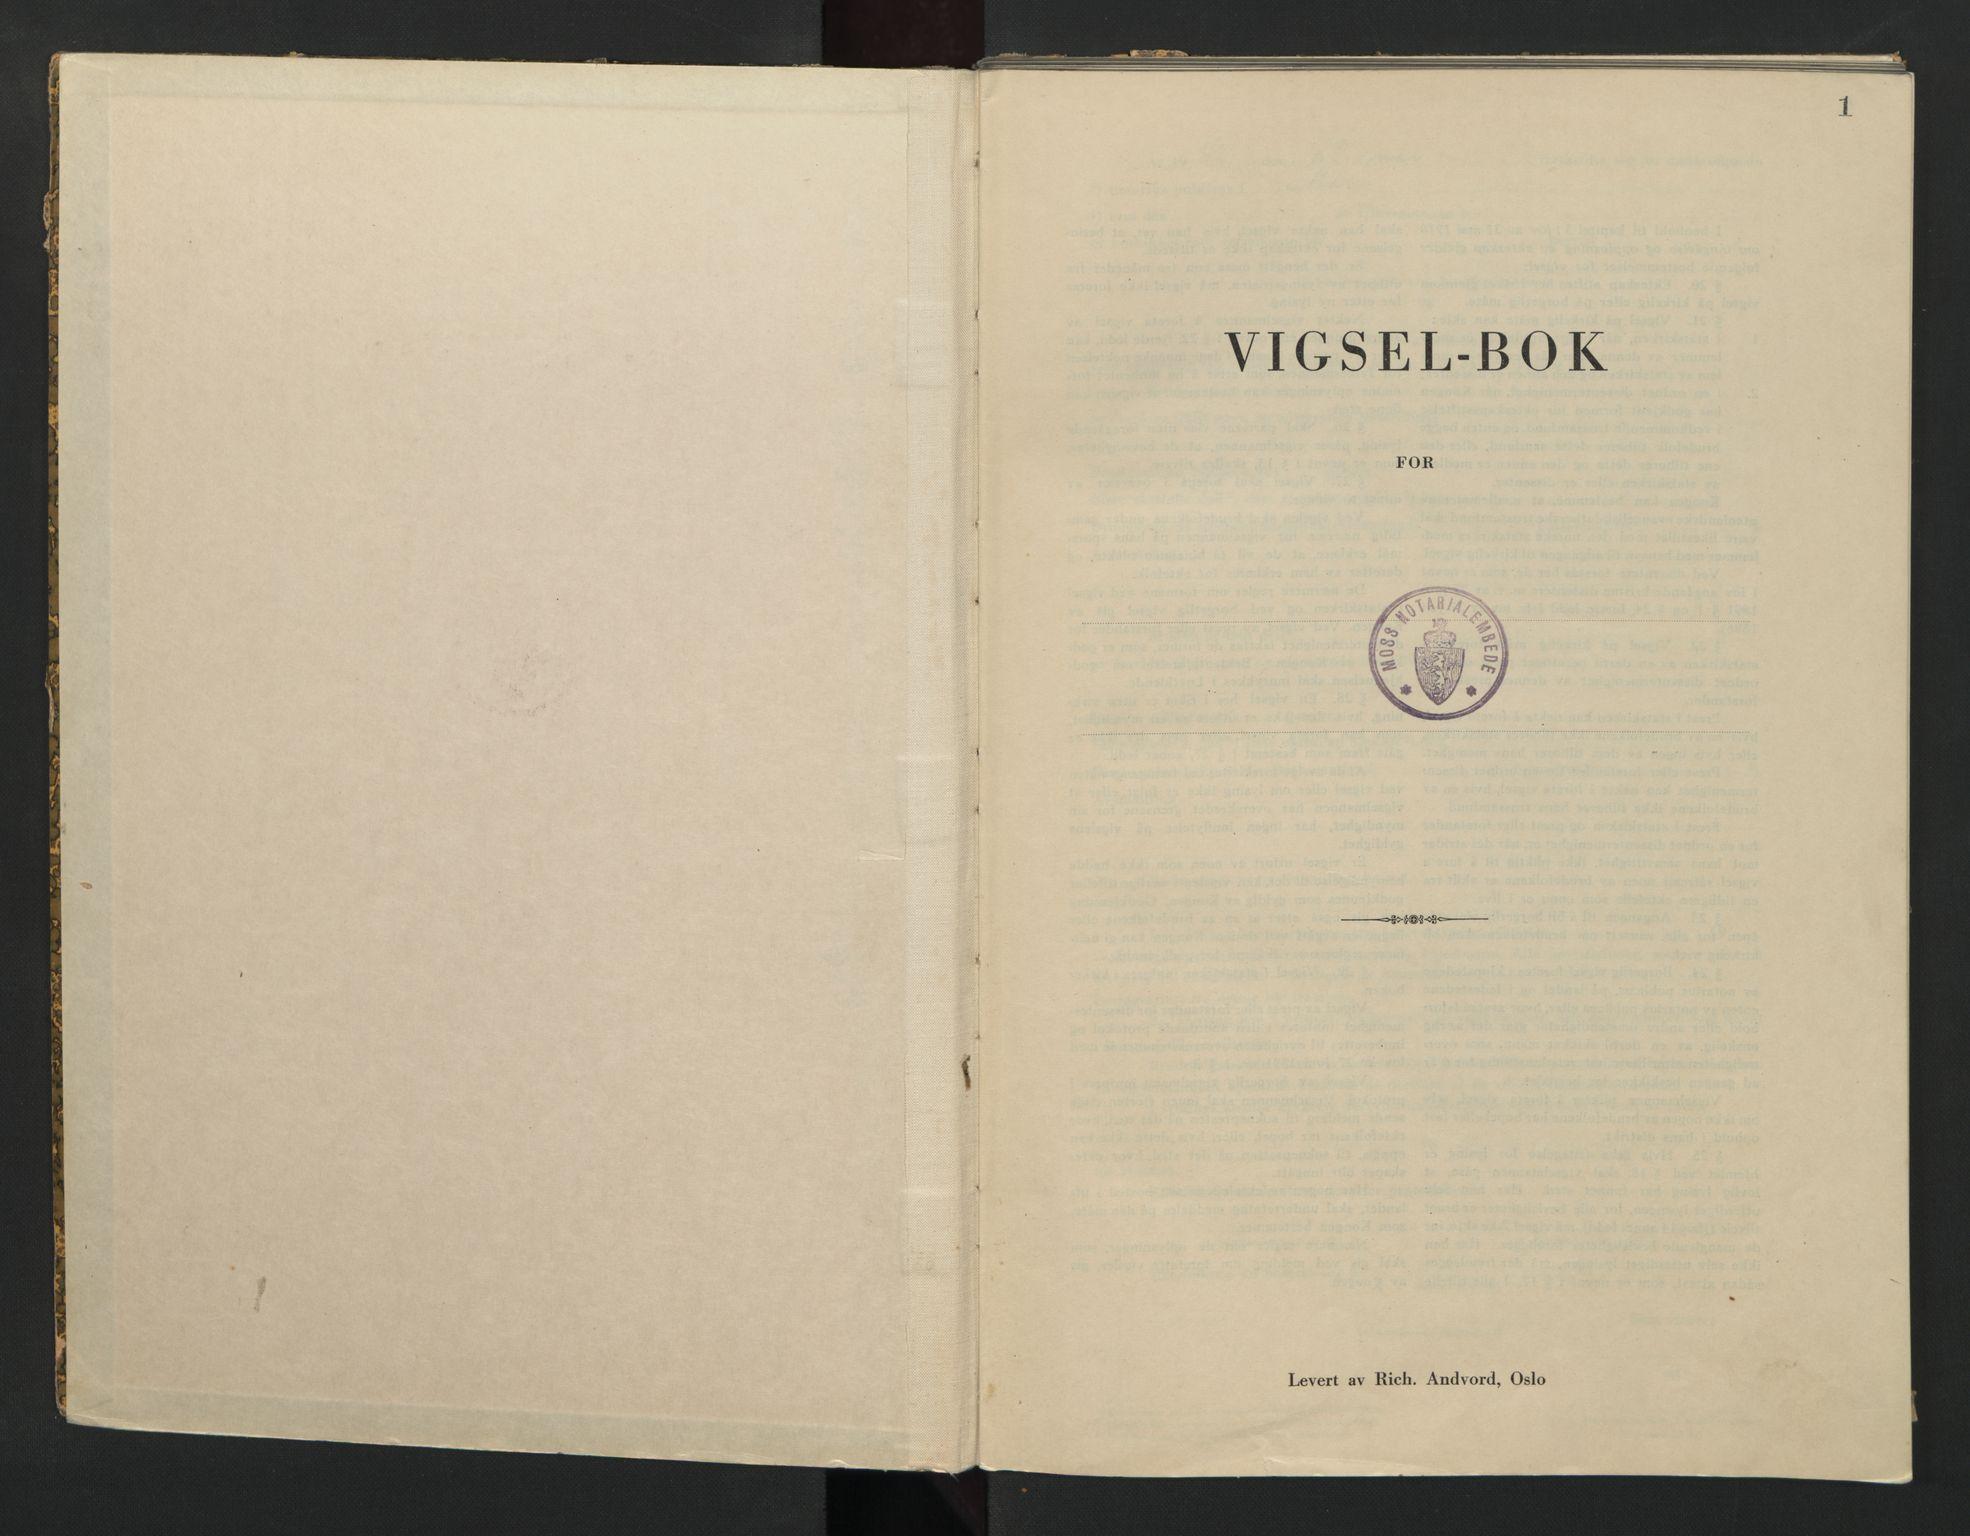 SAO, Moss sorenskriveri, 1942-1943, s. 1